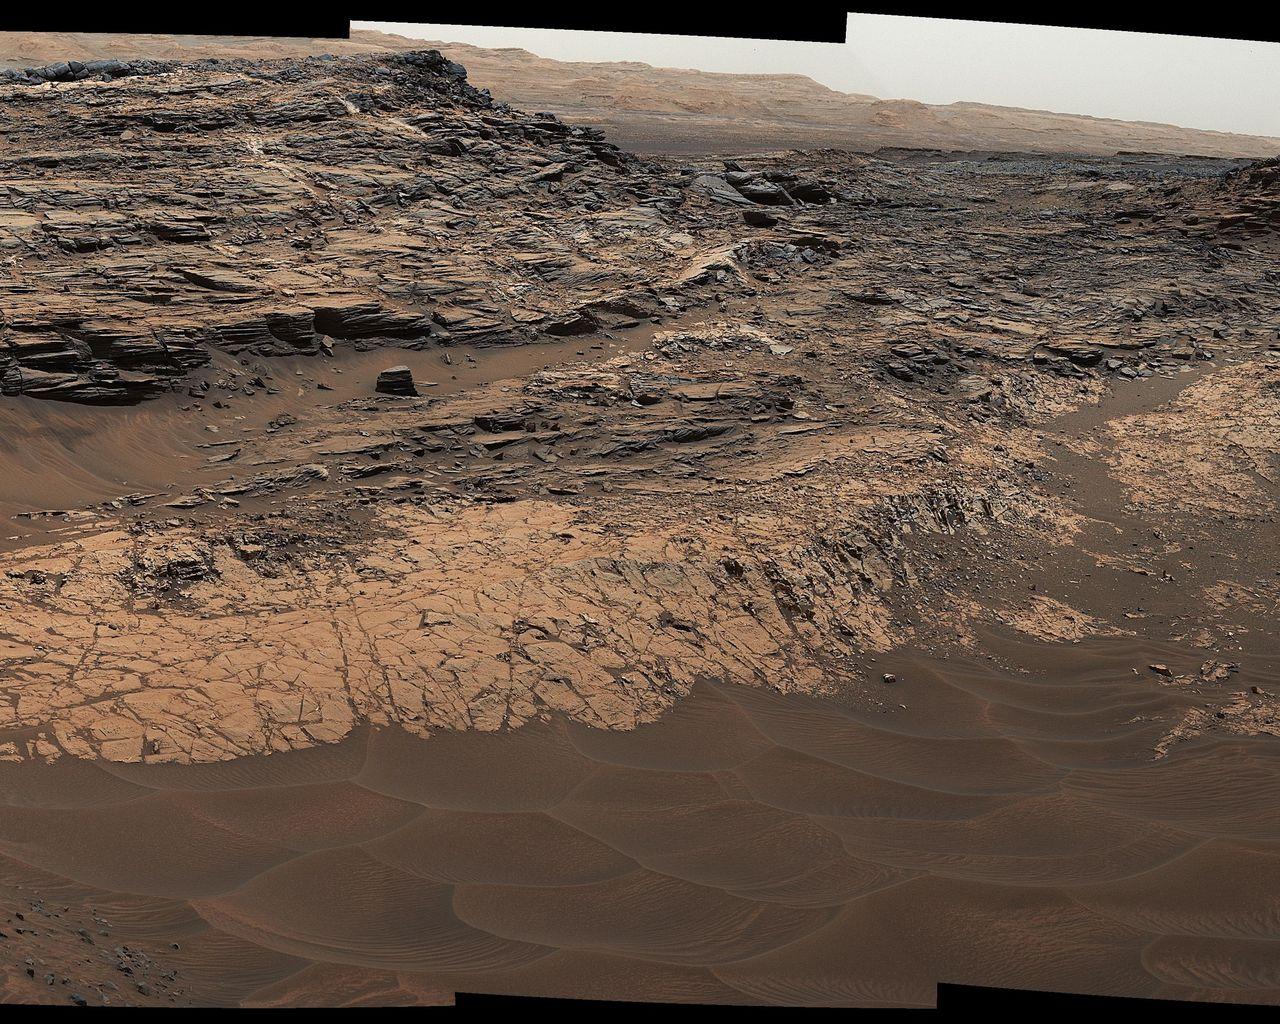 Marias Pass On Mars